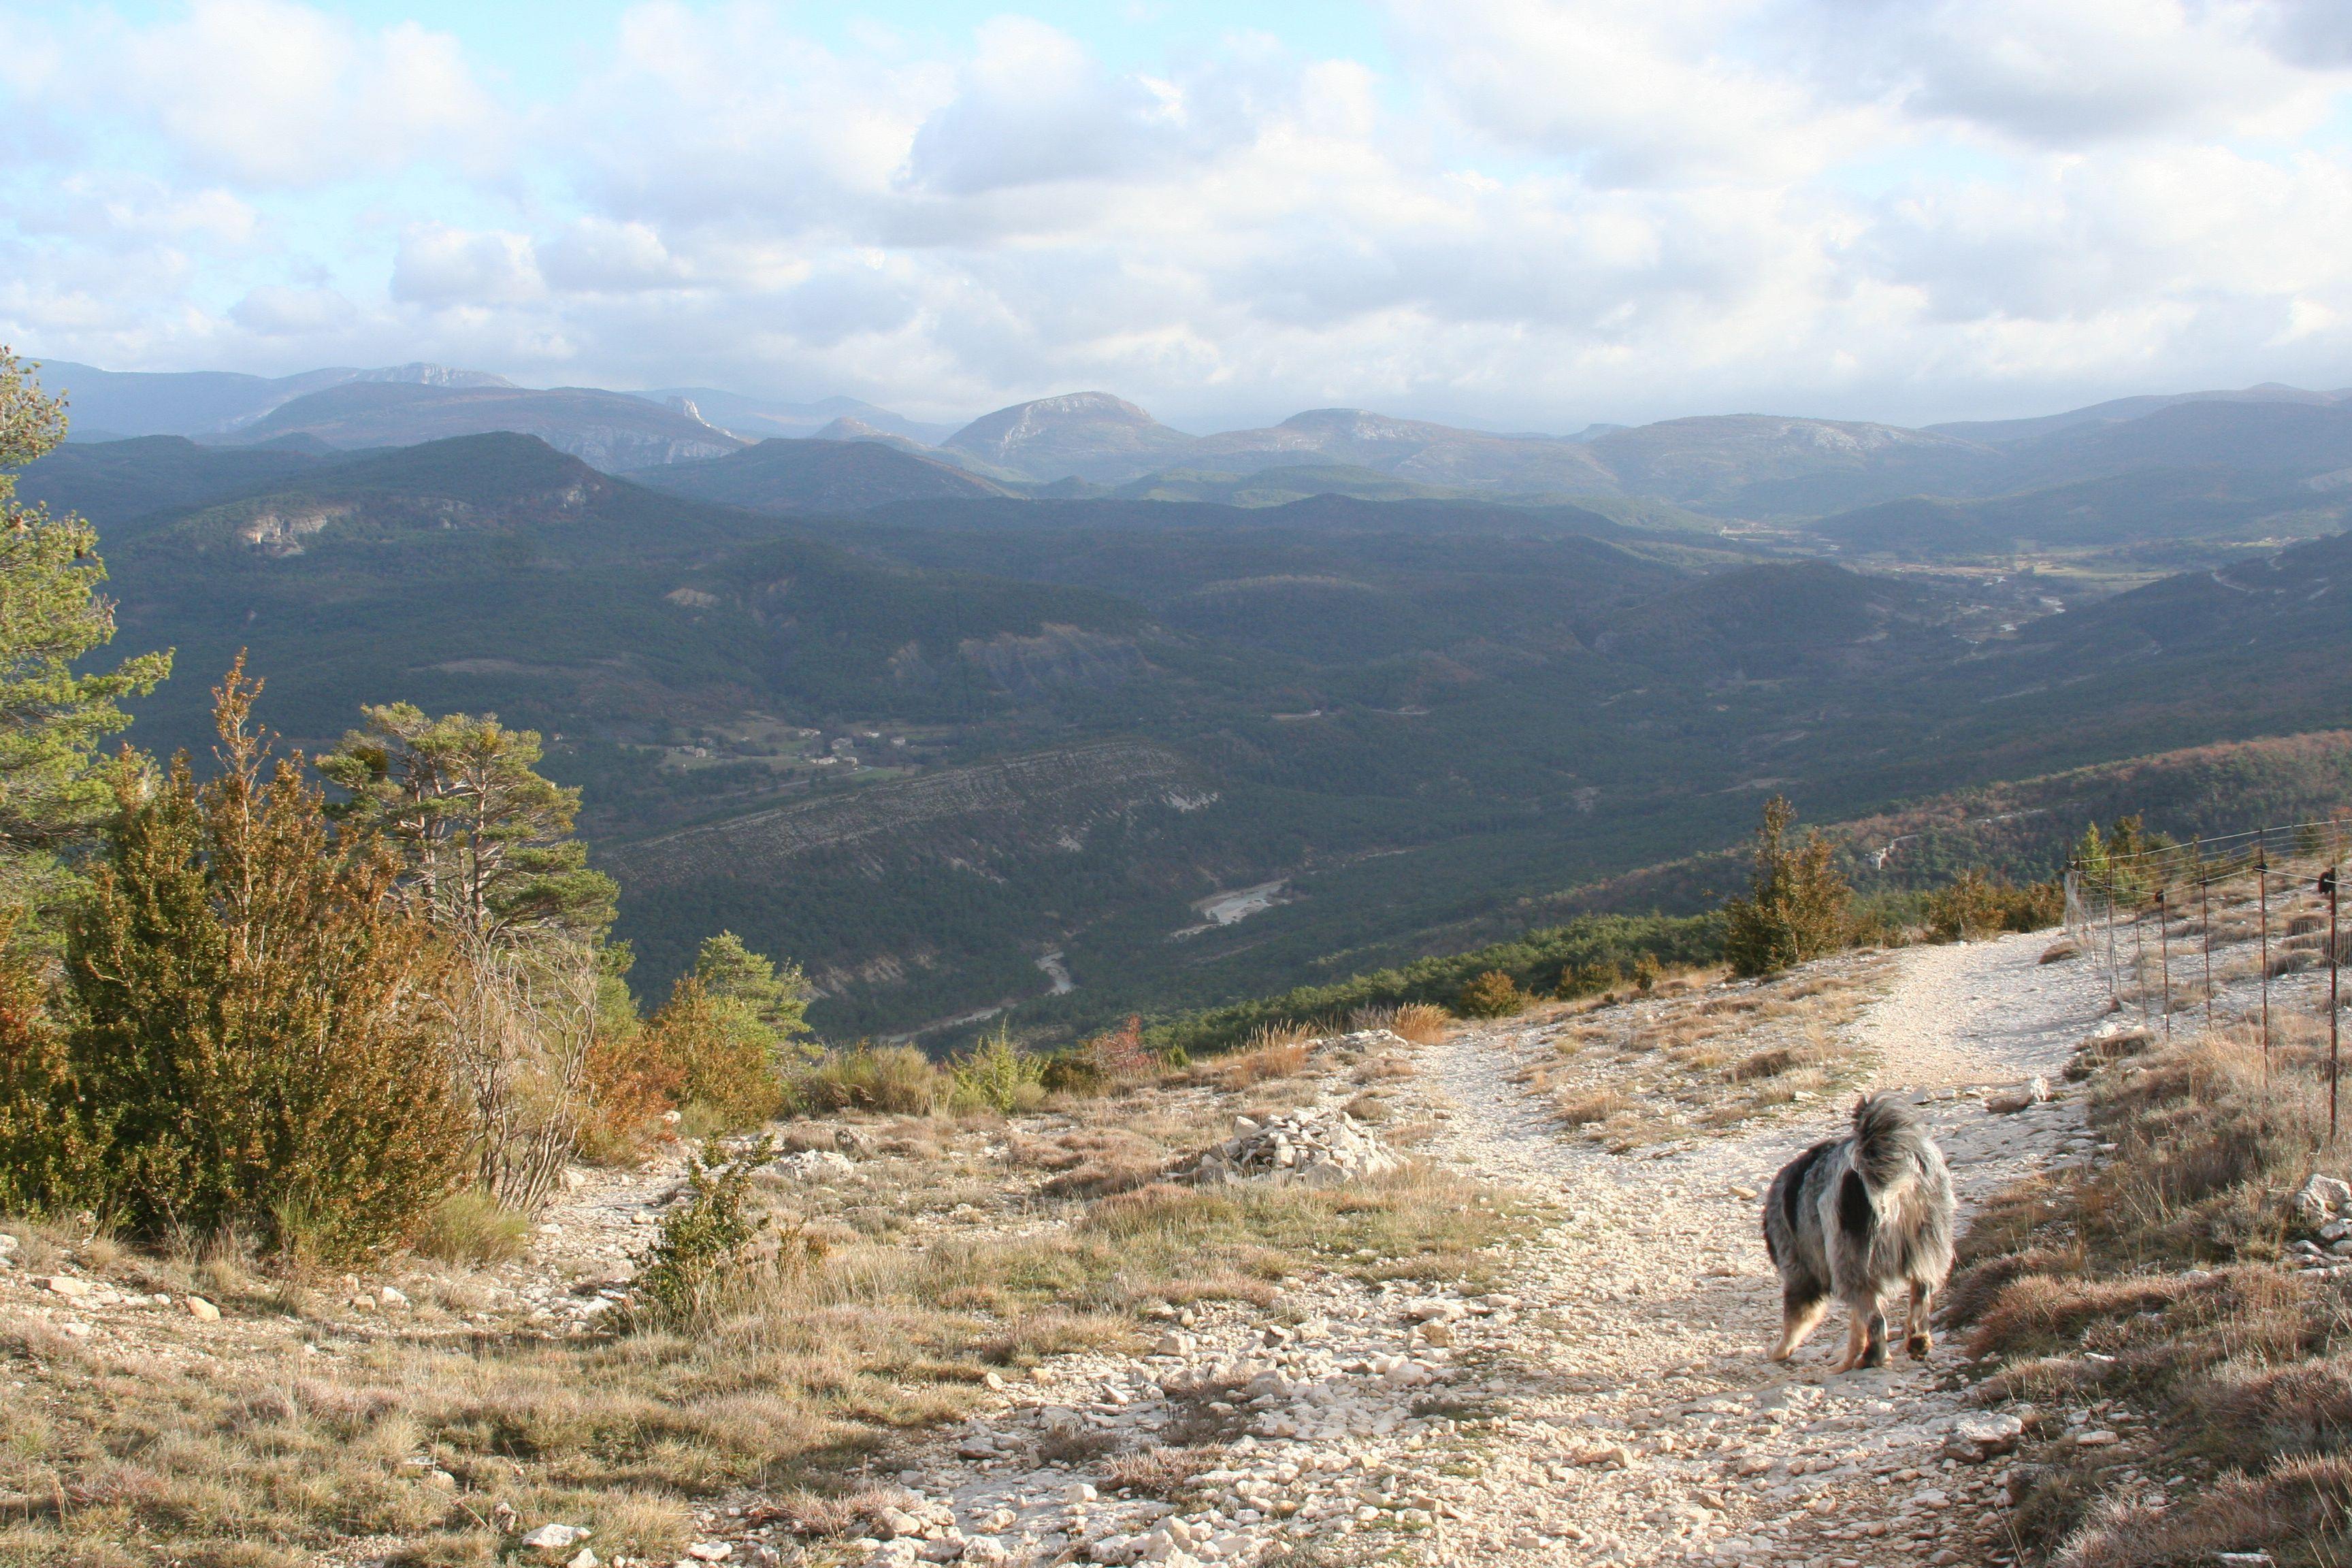 Les aigles verdon avec isko le montagne cendré